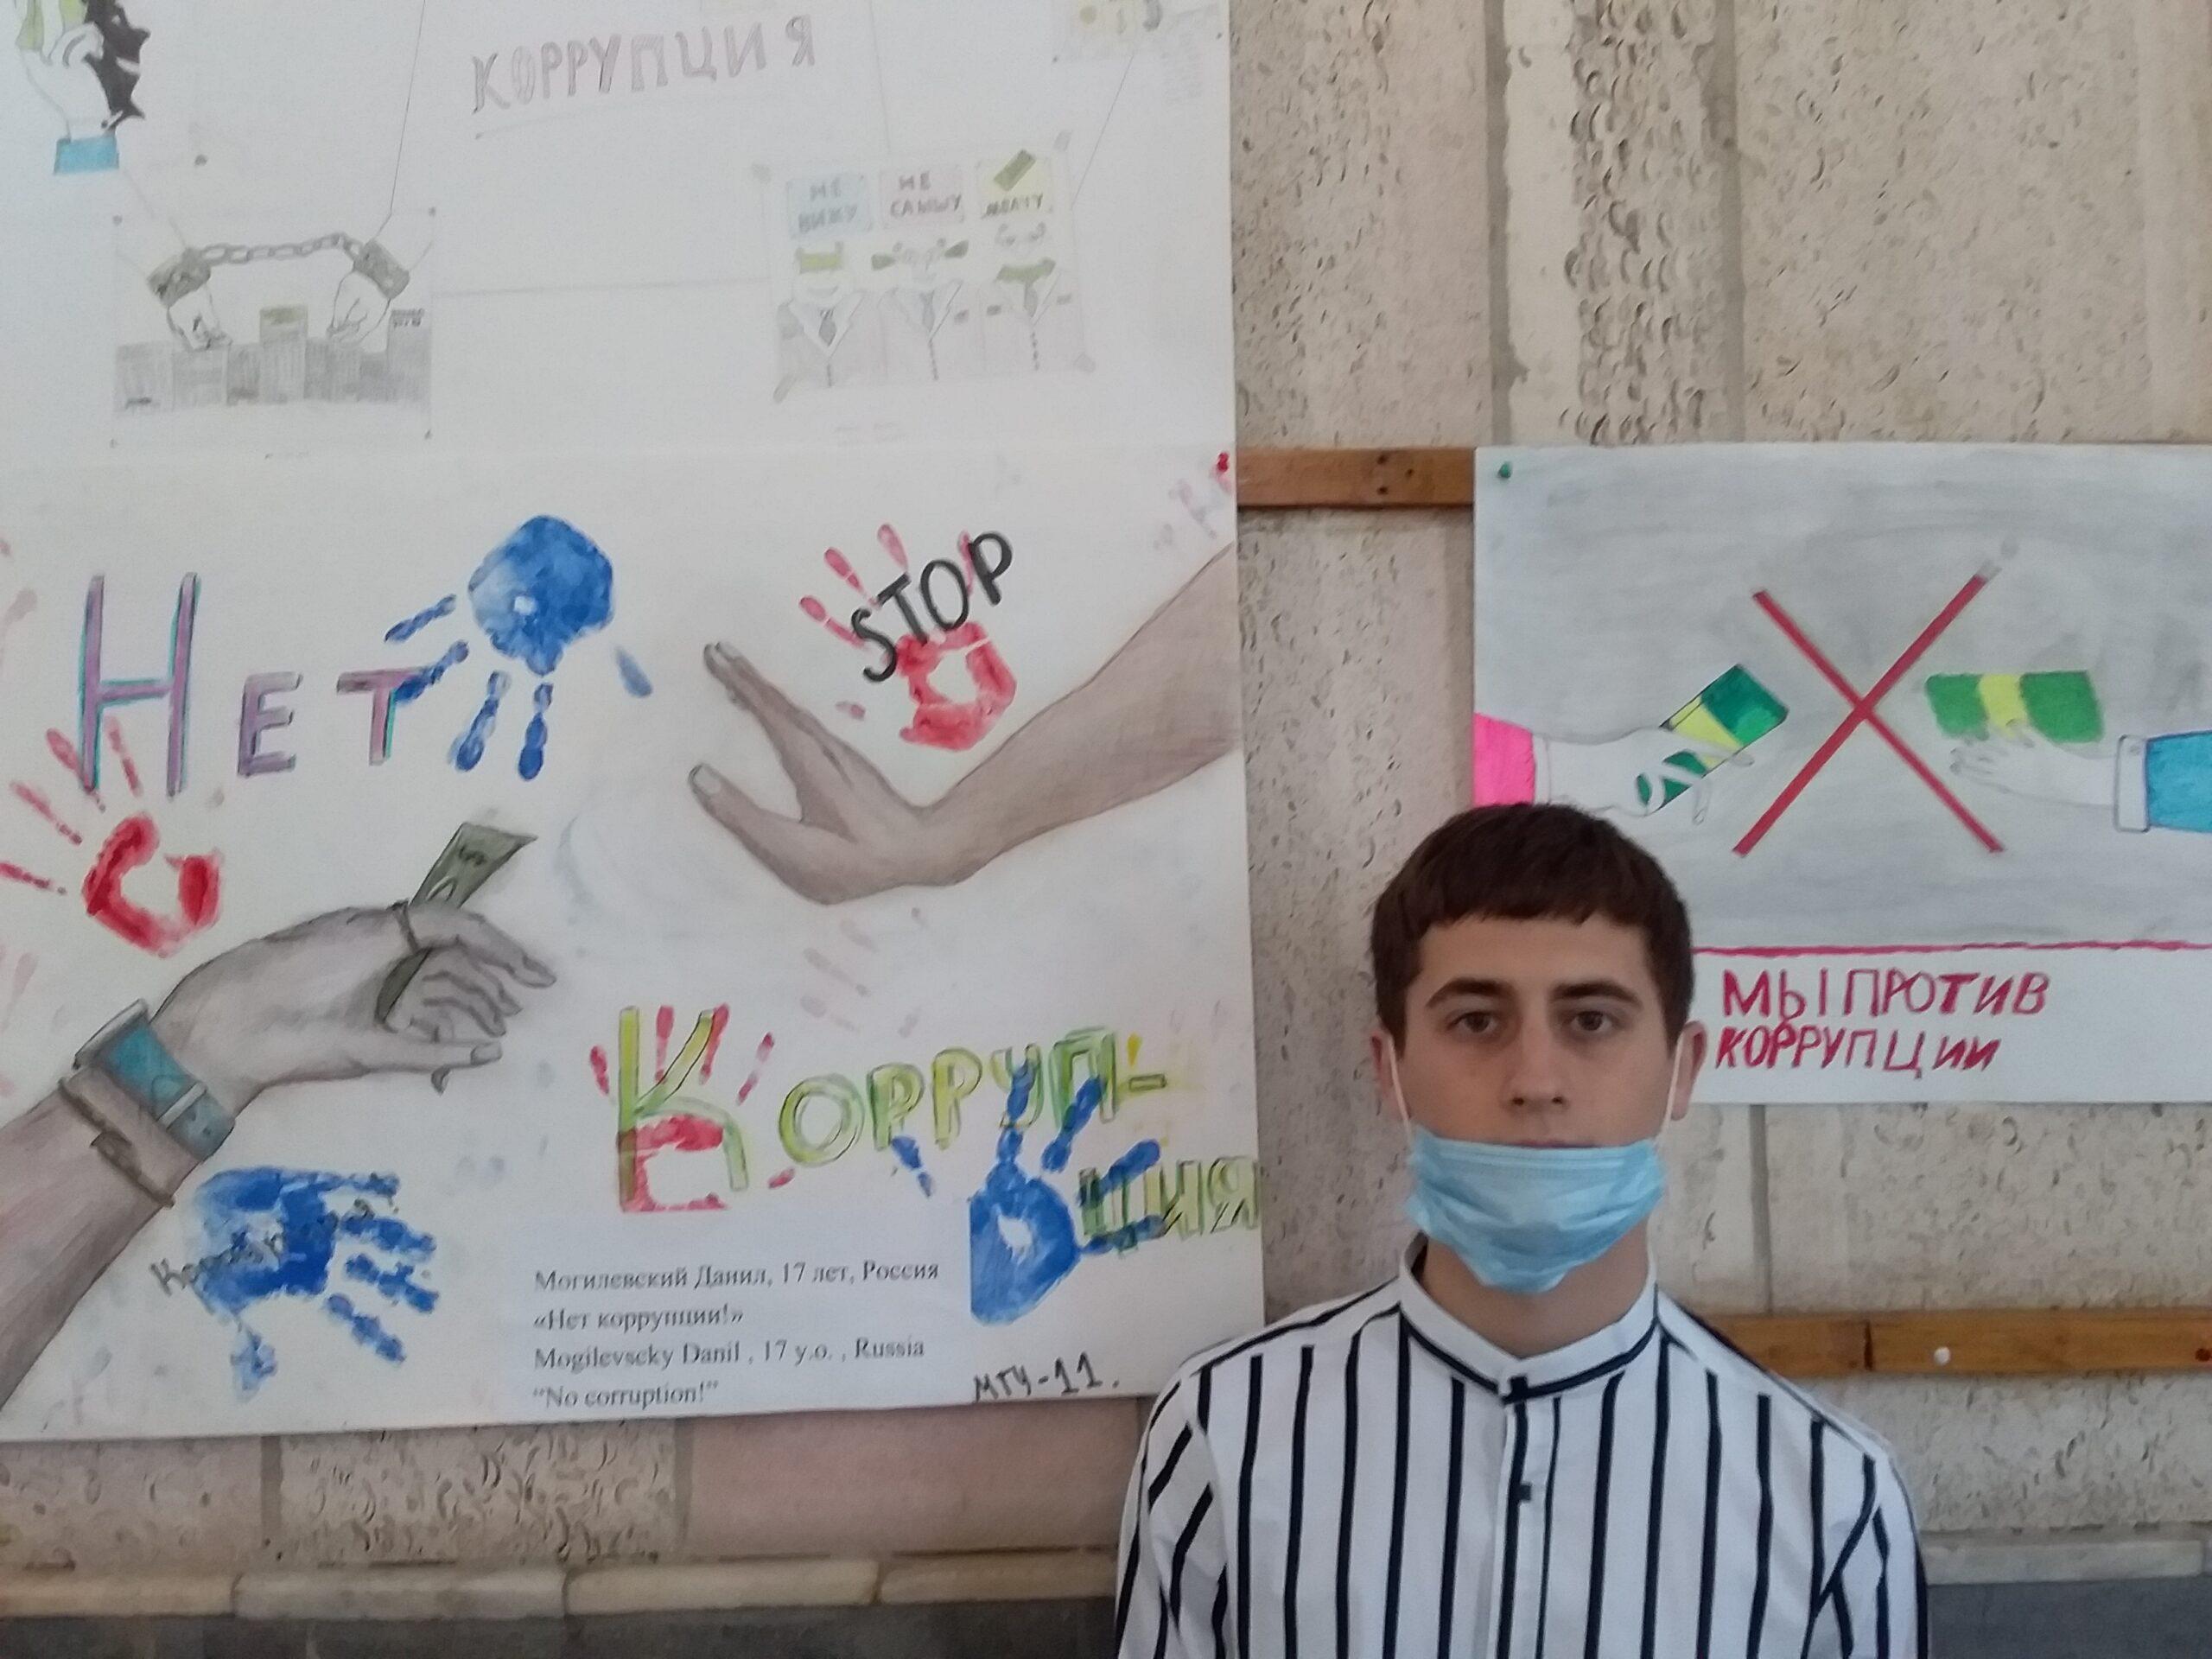 Результаты конкурса социальной рекламы антикоррупционной направленности «Вместе против коррупции!»